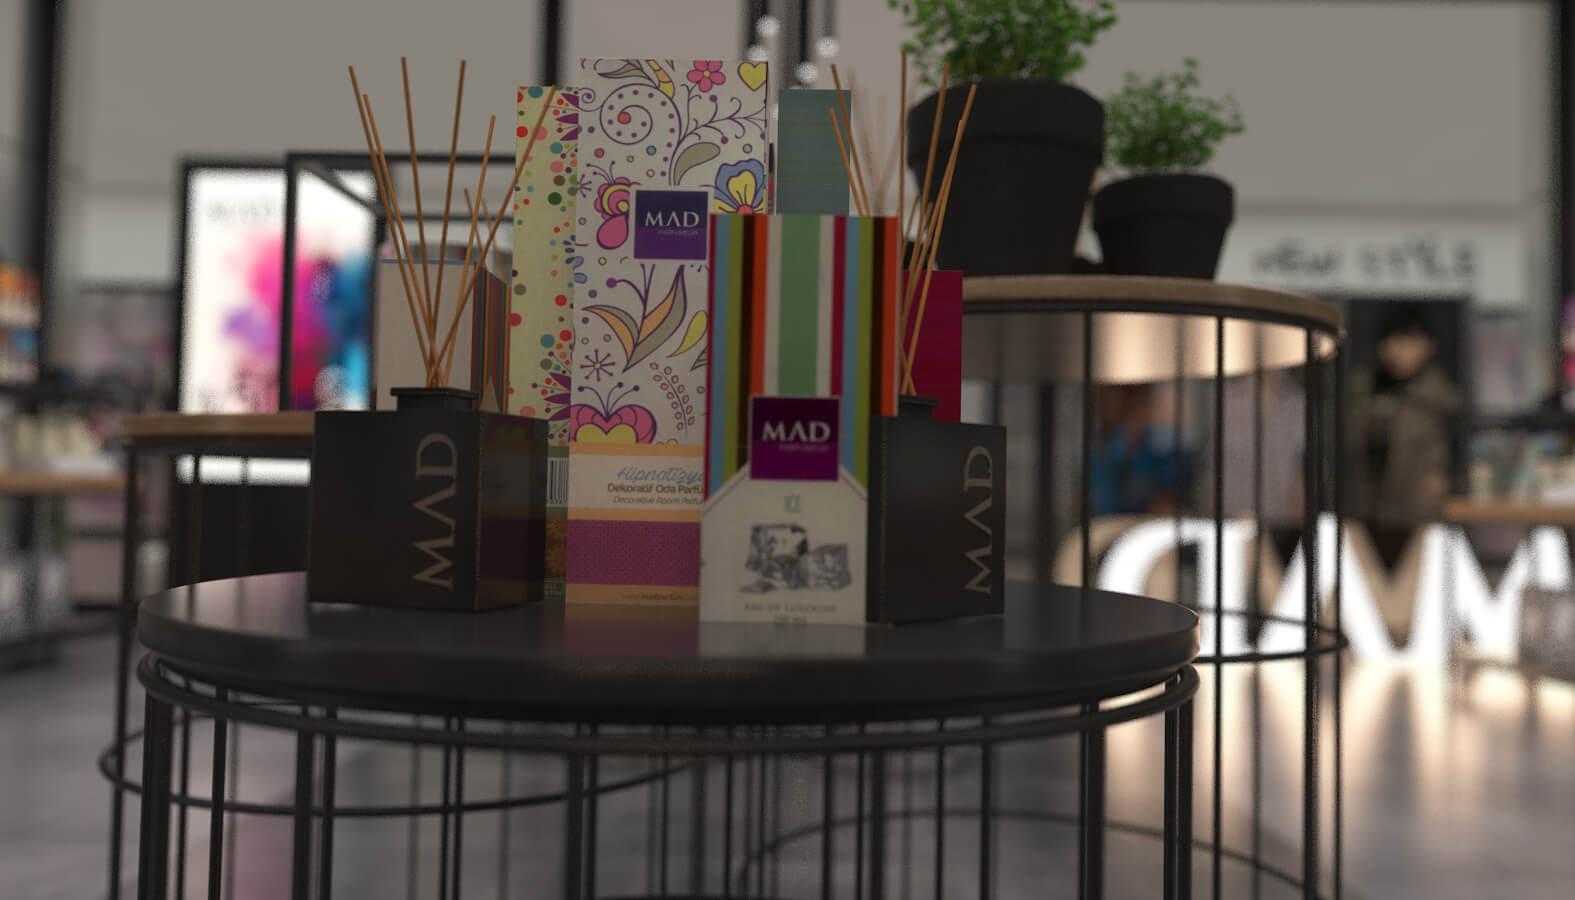 Mağaza tasarım 3691 MAD Parfumeur Perakende